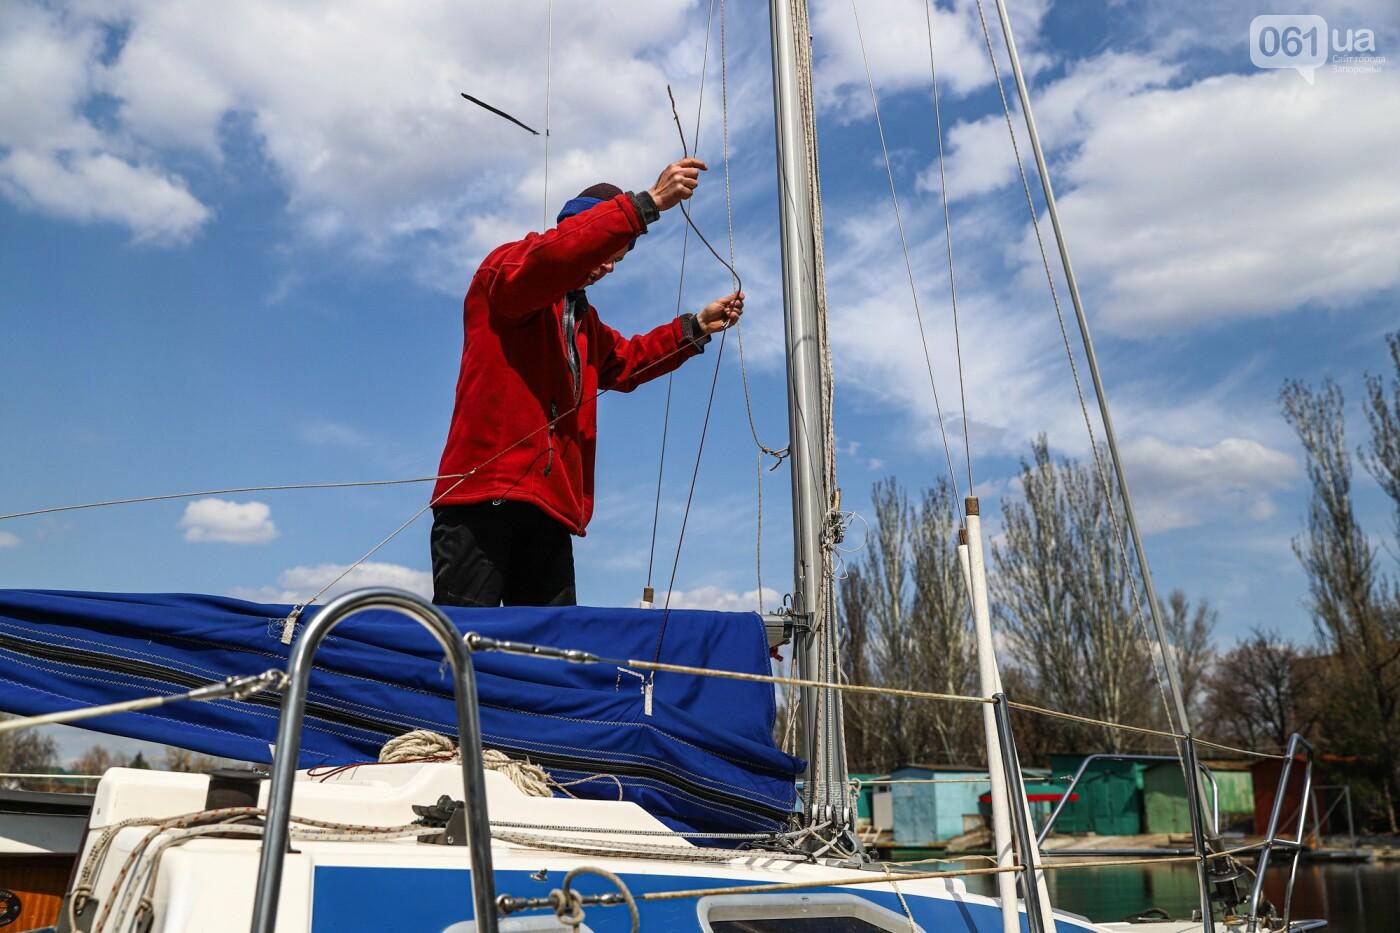 «Семь футов под килем!»: как в запорожском яхт-клубе спускали судна на воду, - ФОТОРЕПОРТАЖ , фото-55